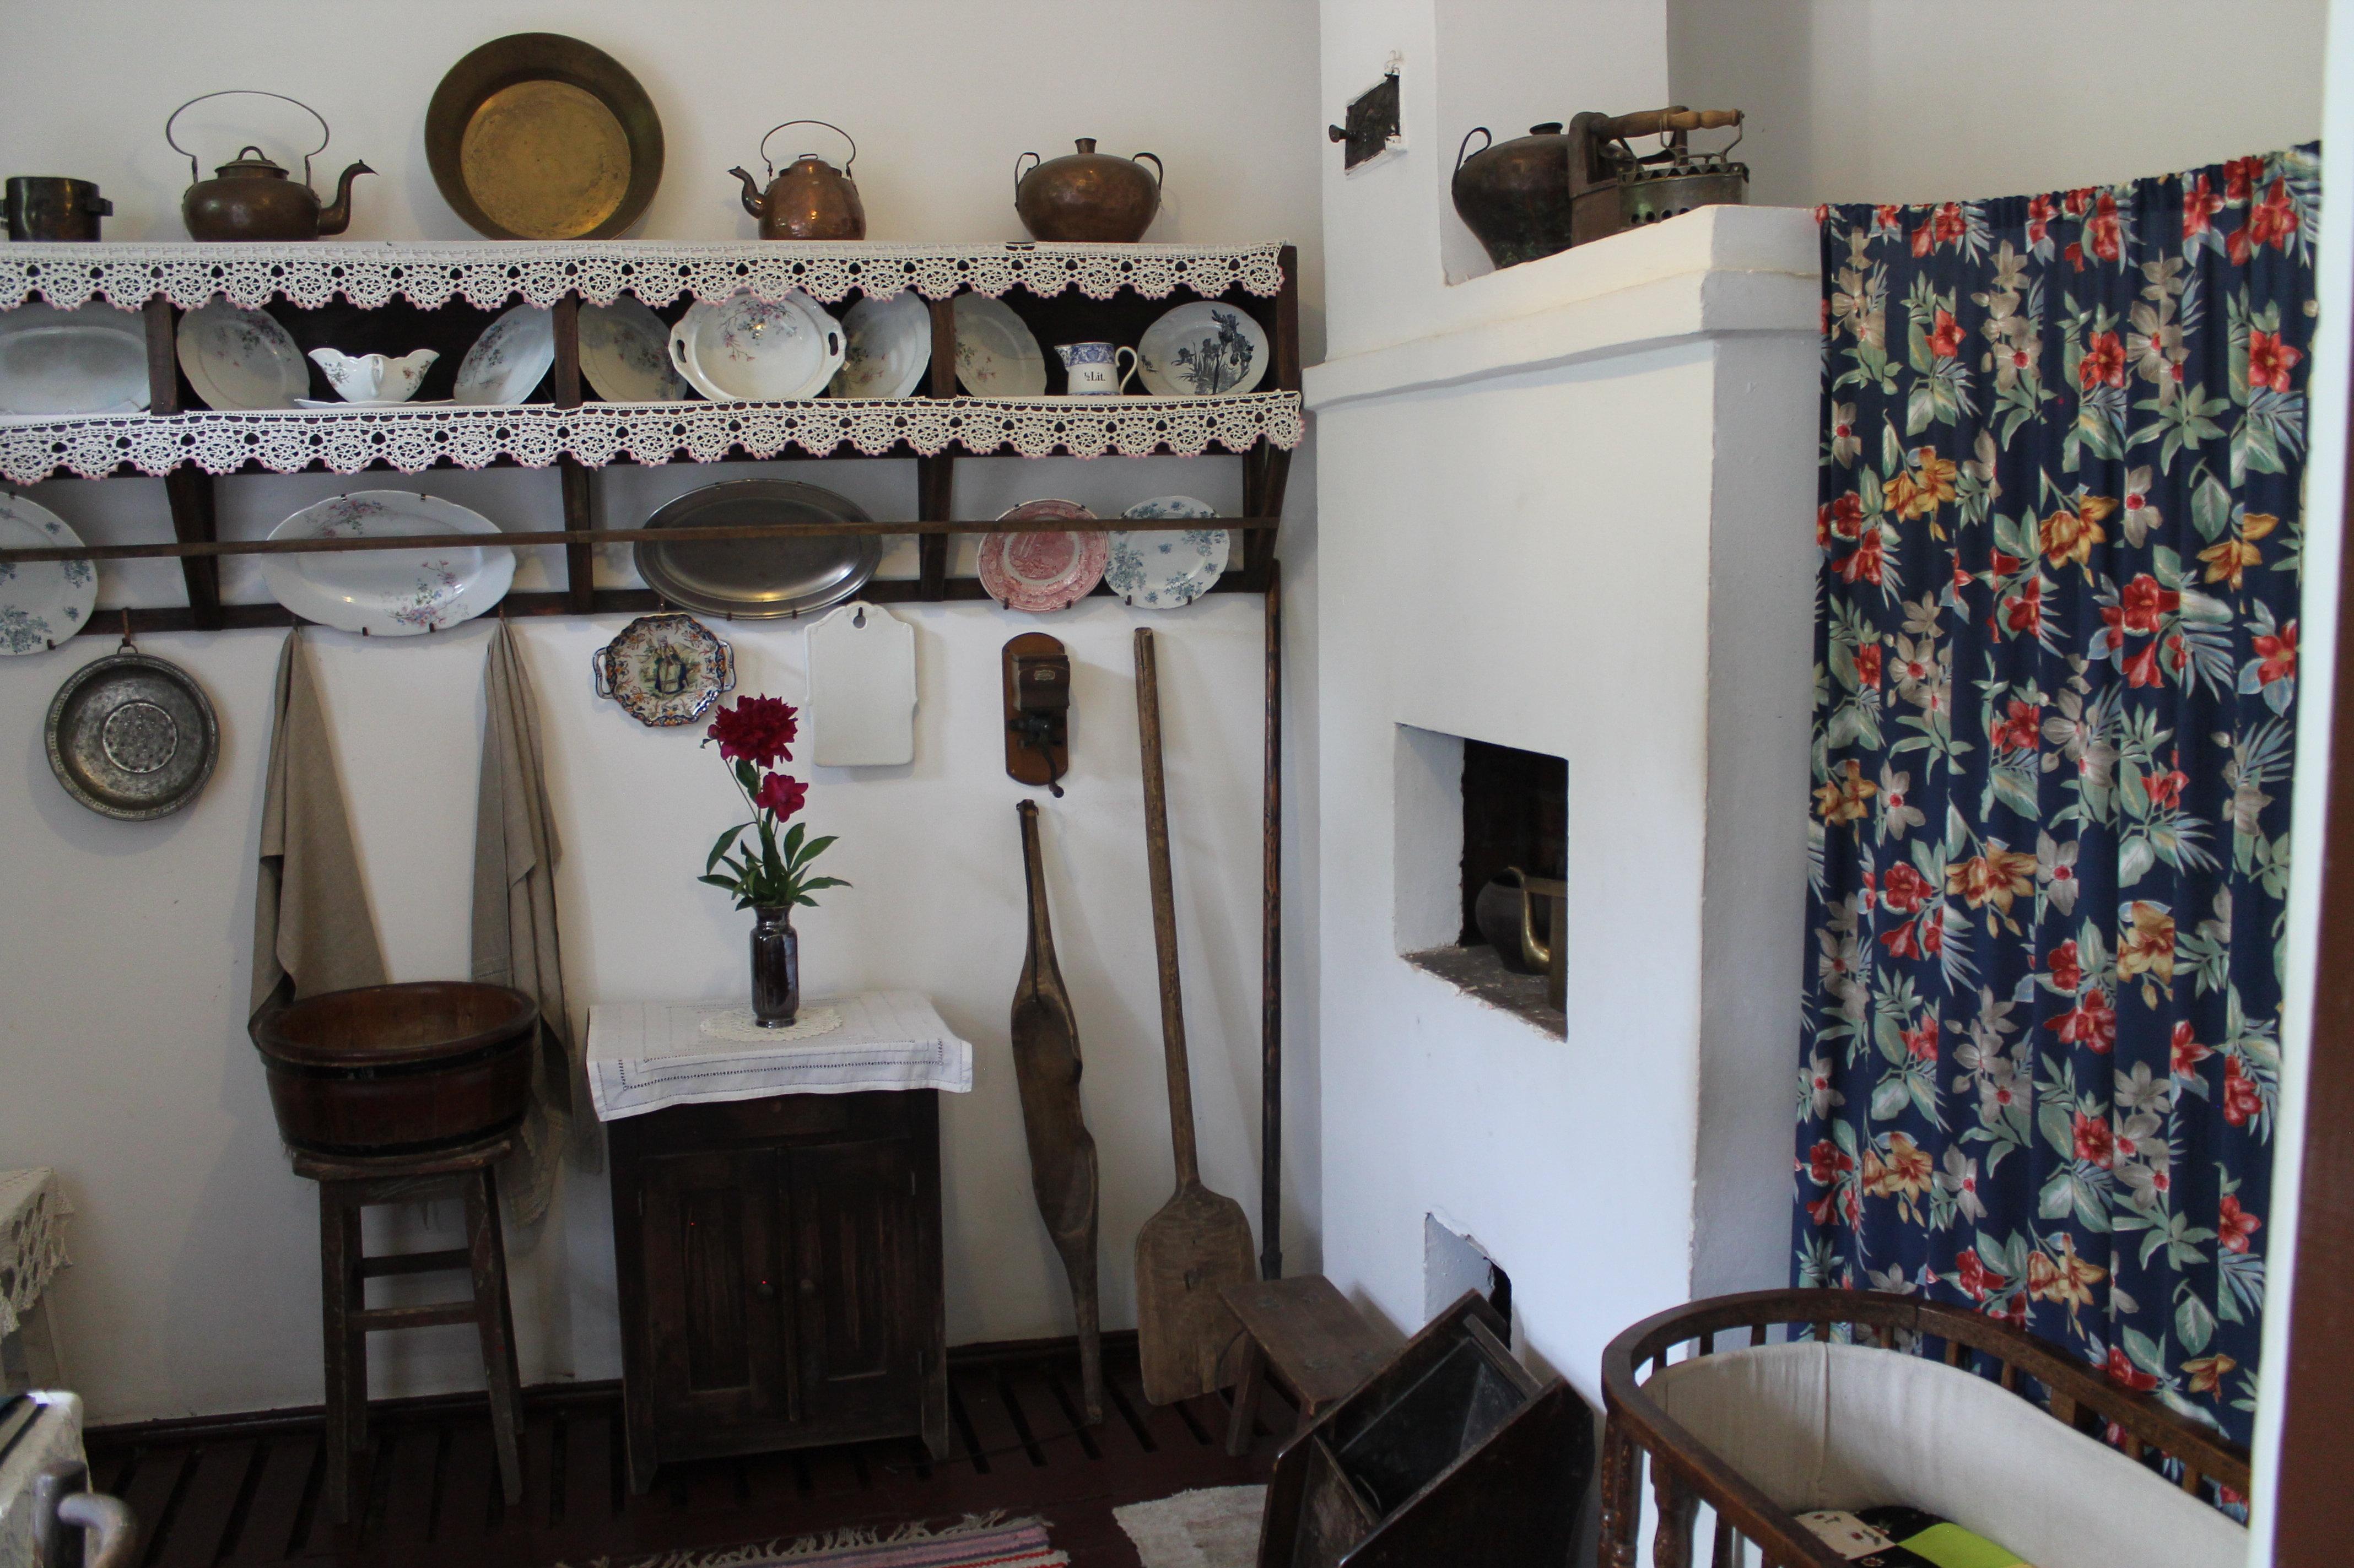 Поскольку дома было очень мало места, зачастую Шагалу приходилось рисовать свои картины, сидя на печи